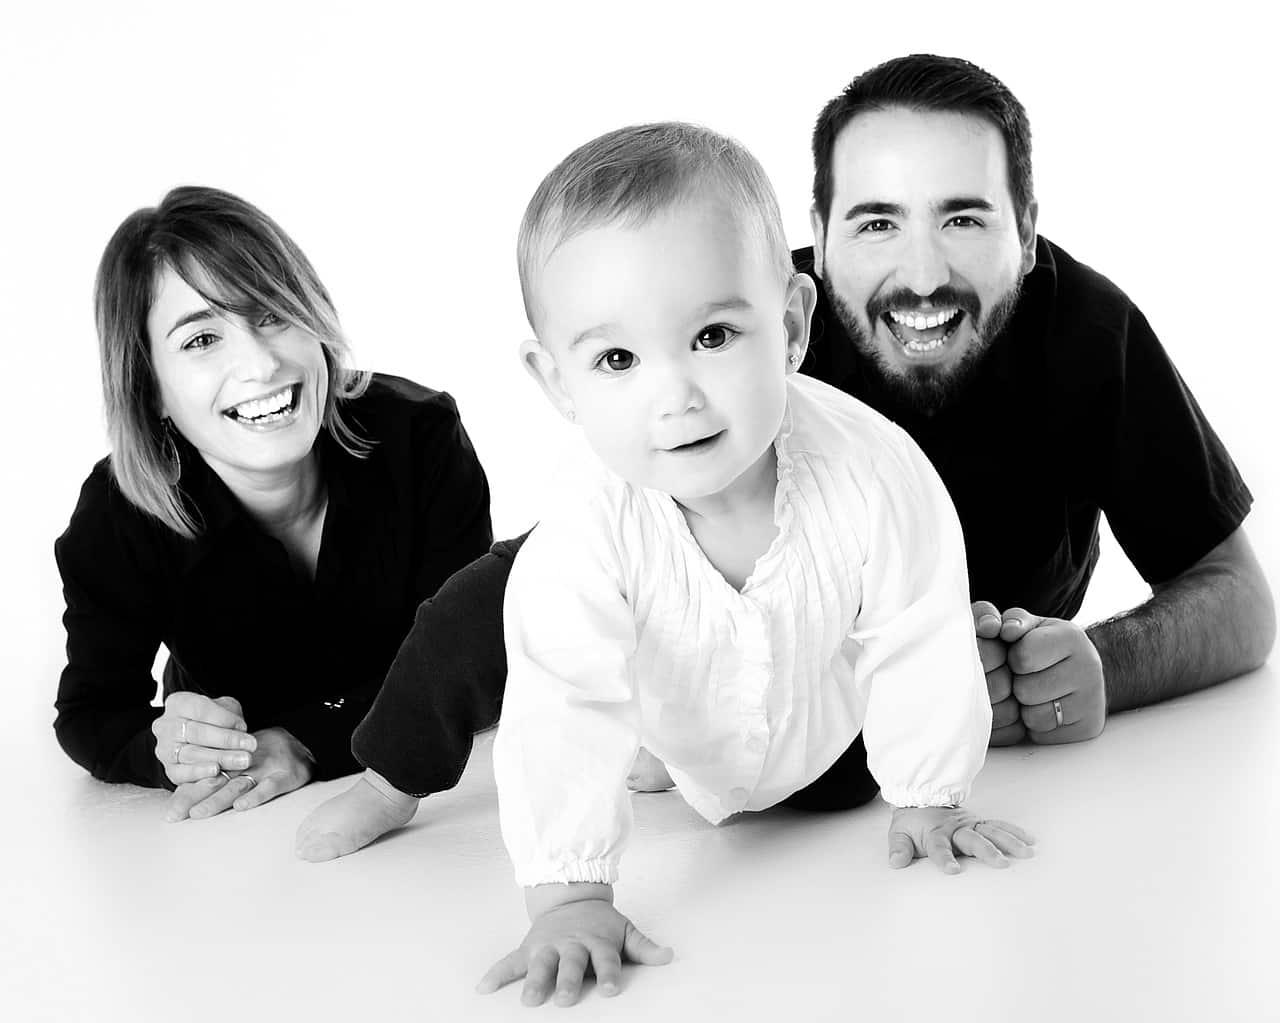 Les parents et un petit enfant